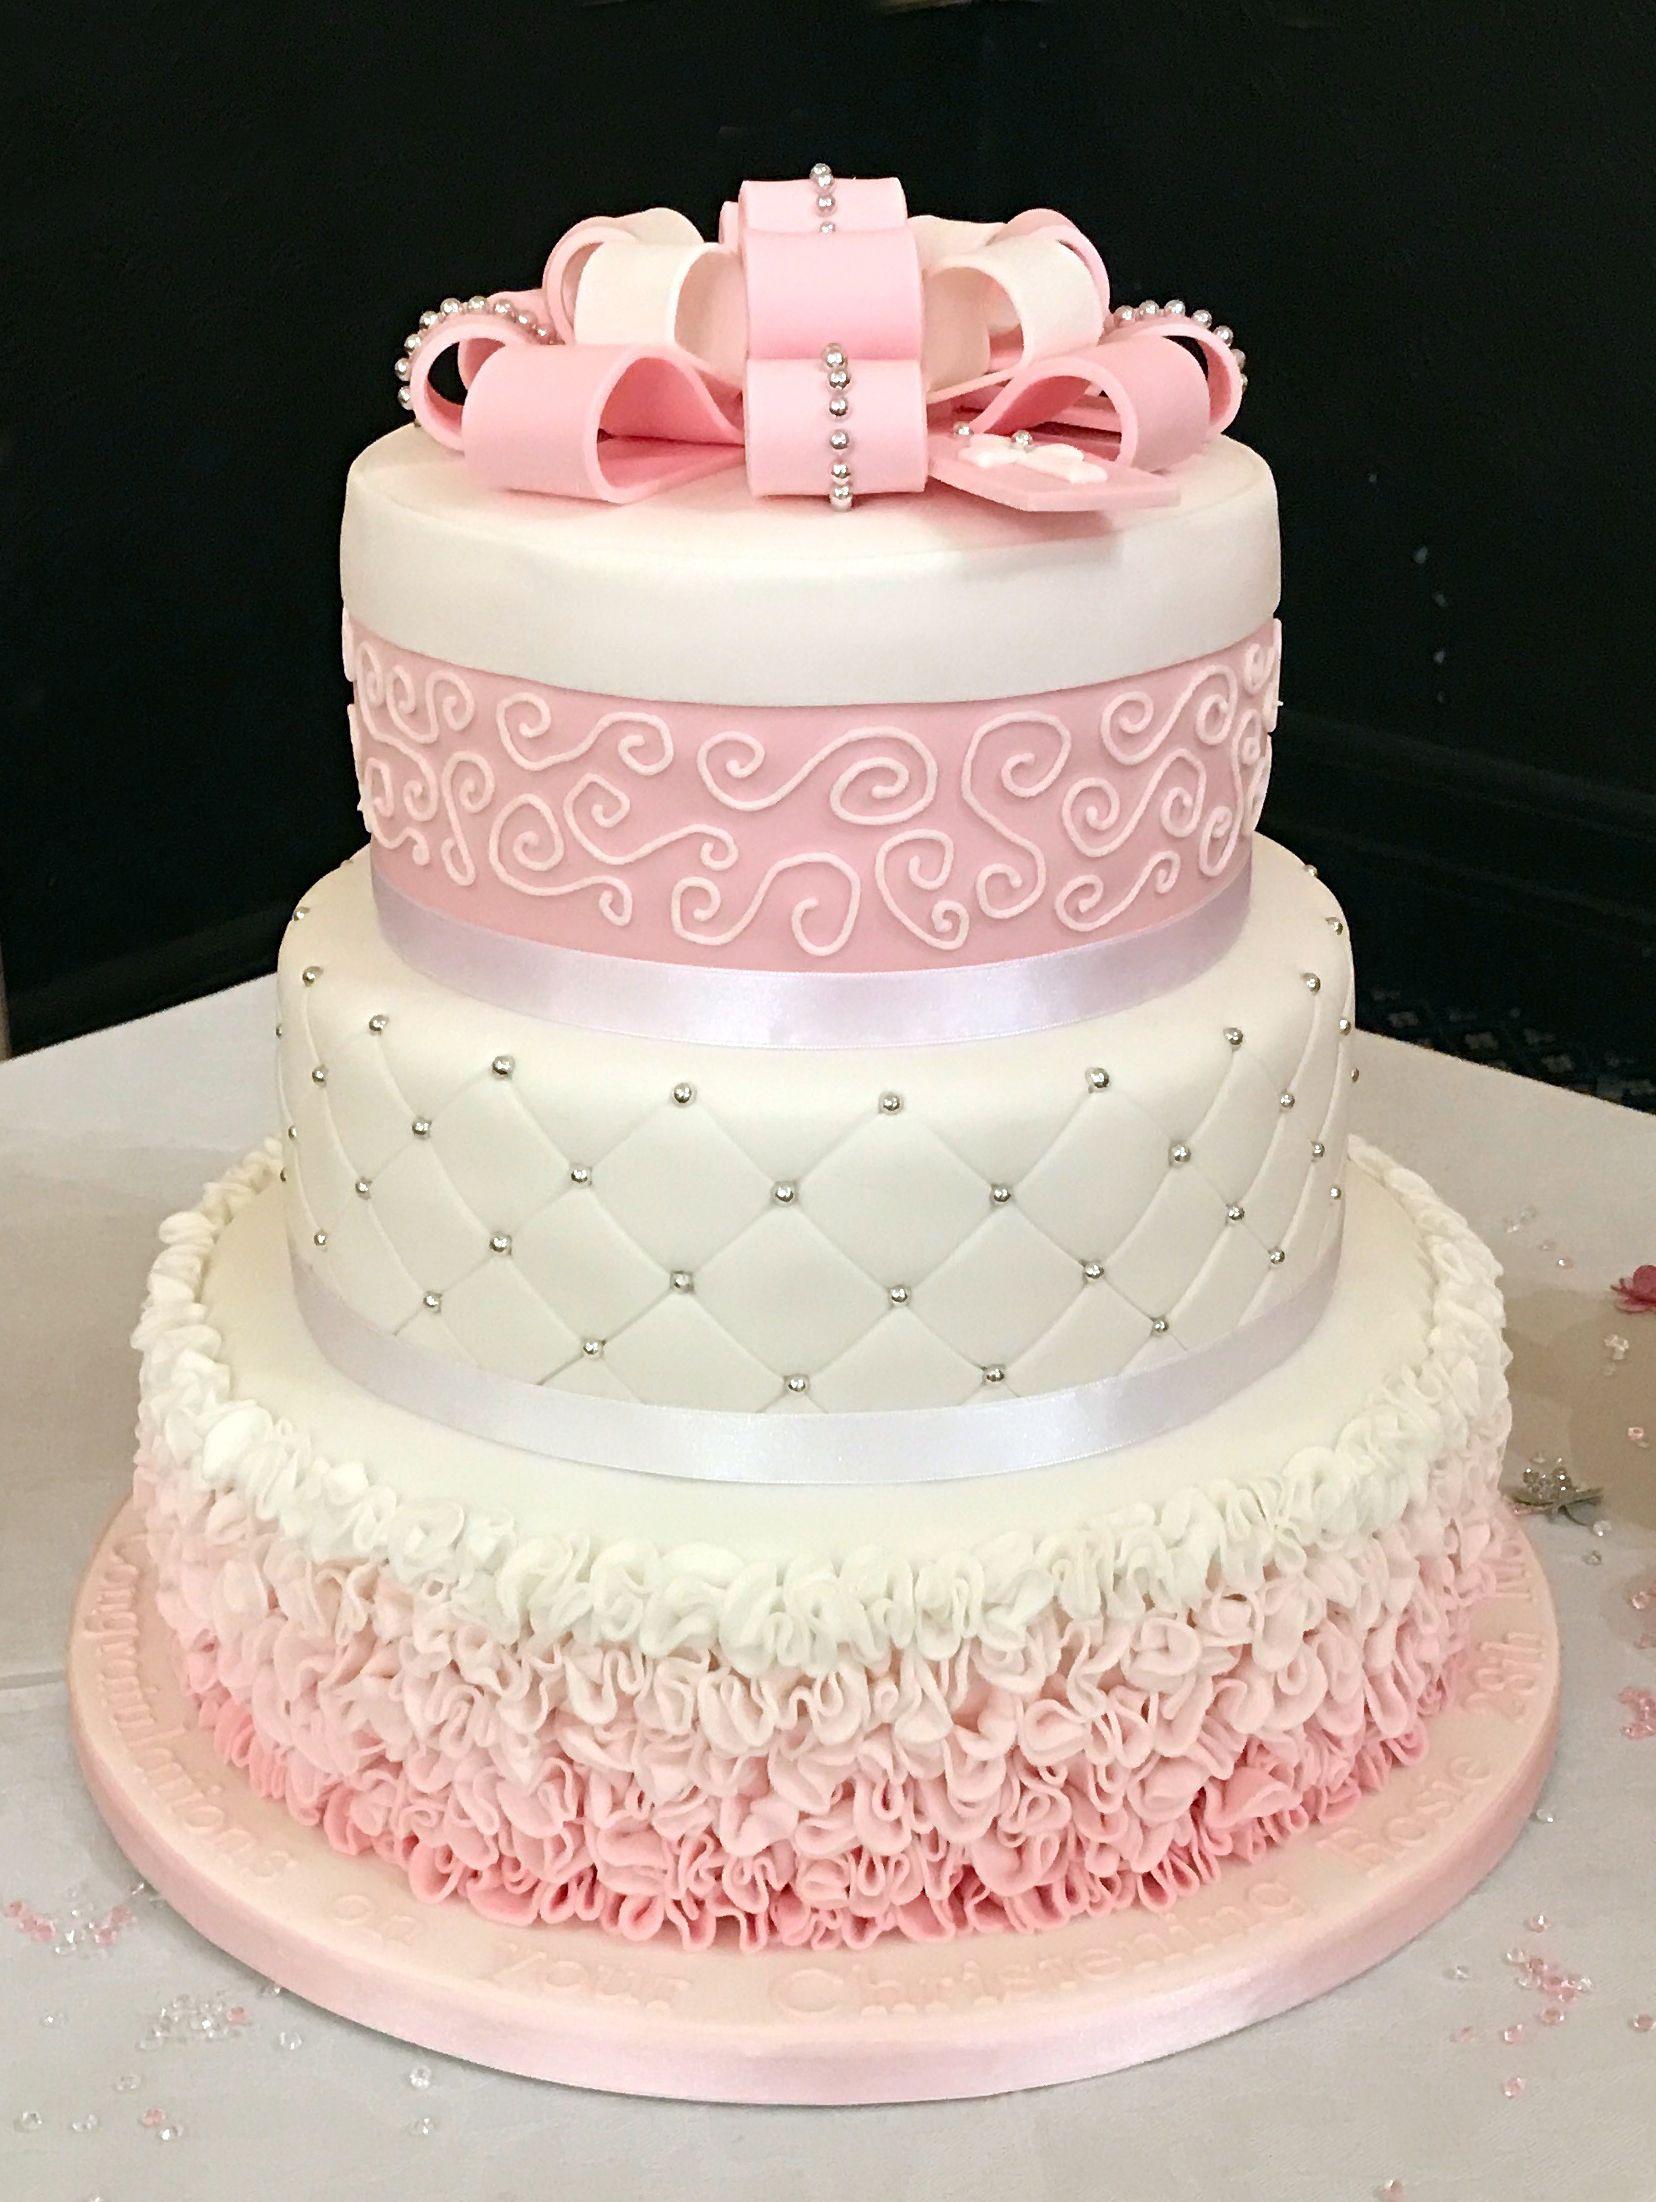 Christening cake | vx | Pinterest | Christening cakes and Cake